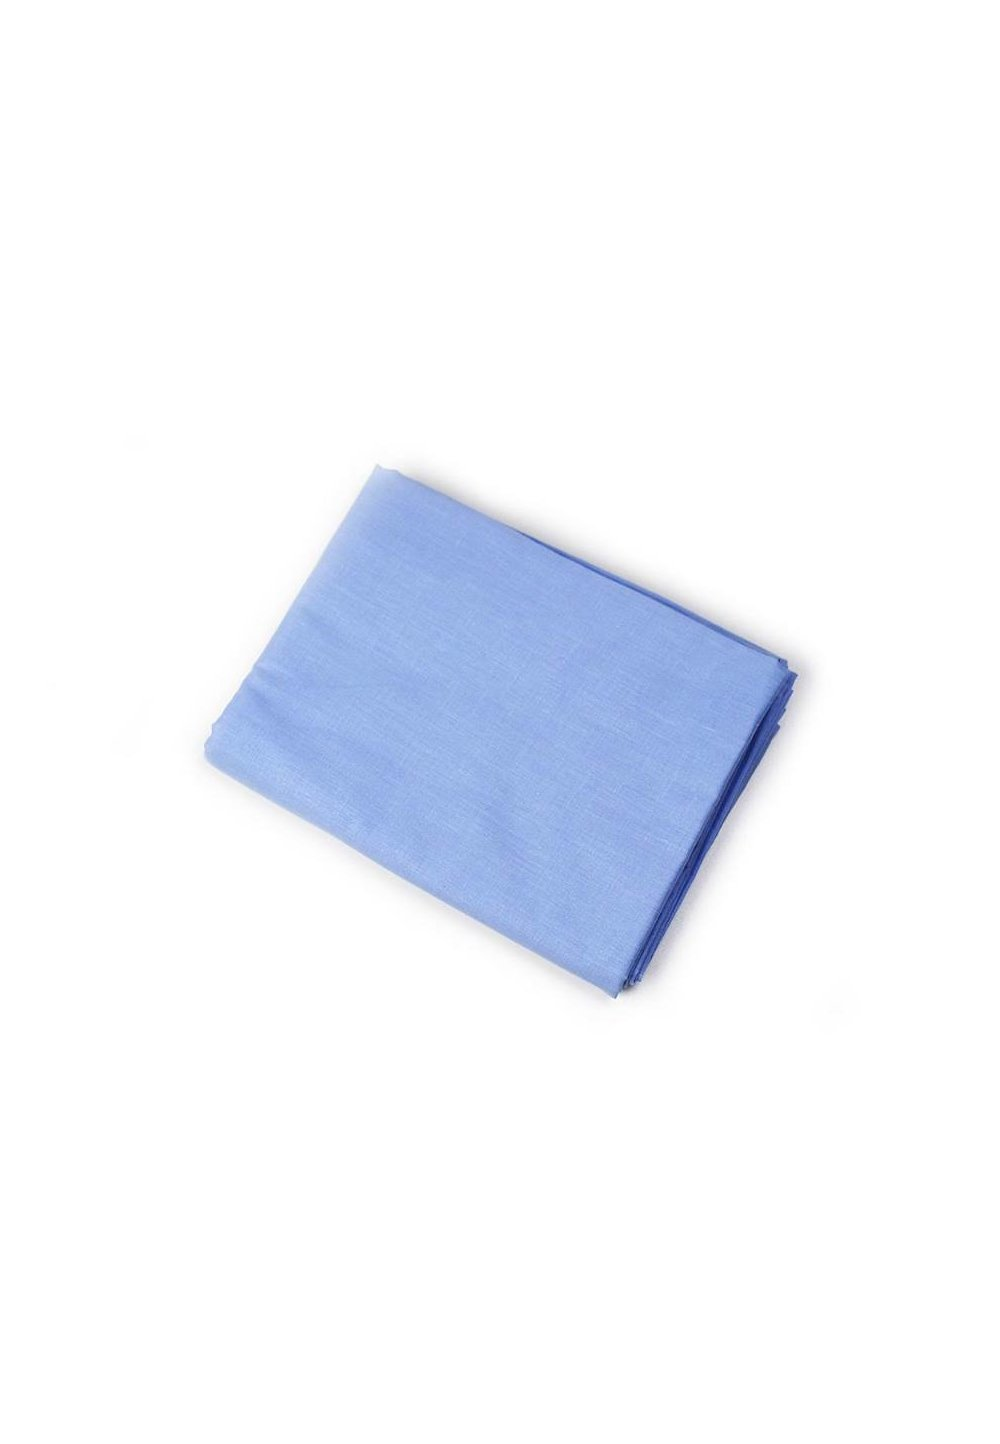 Cearceaf bumbac, albastru, 160 x 210 cm imagine